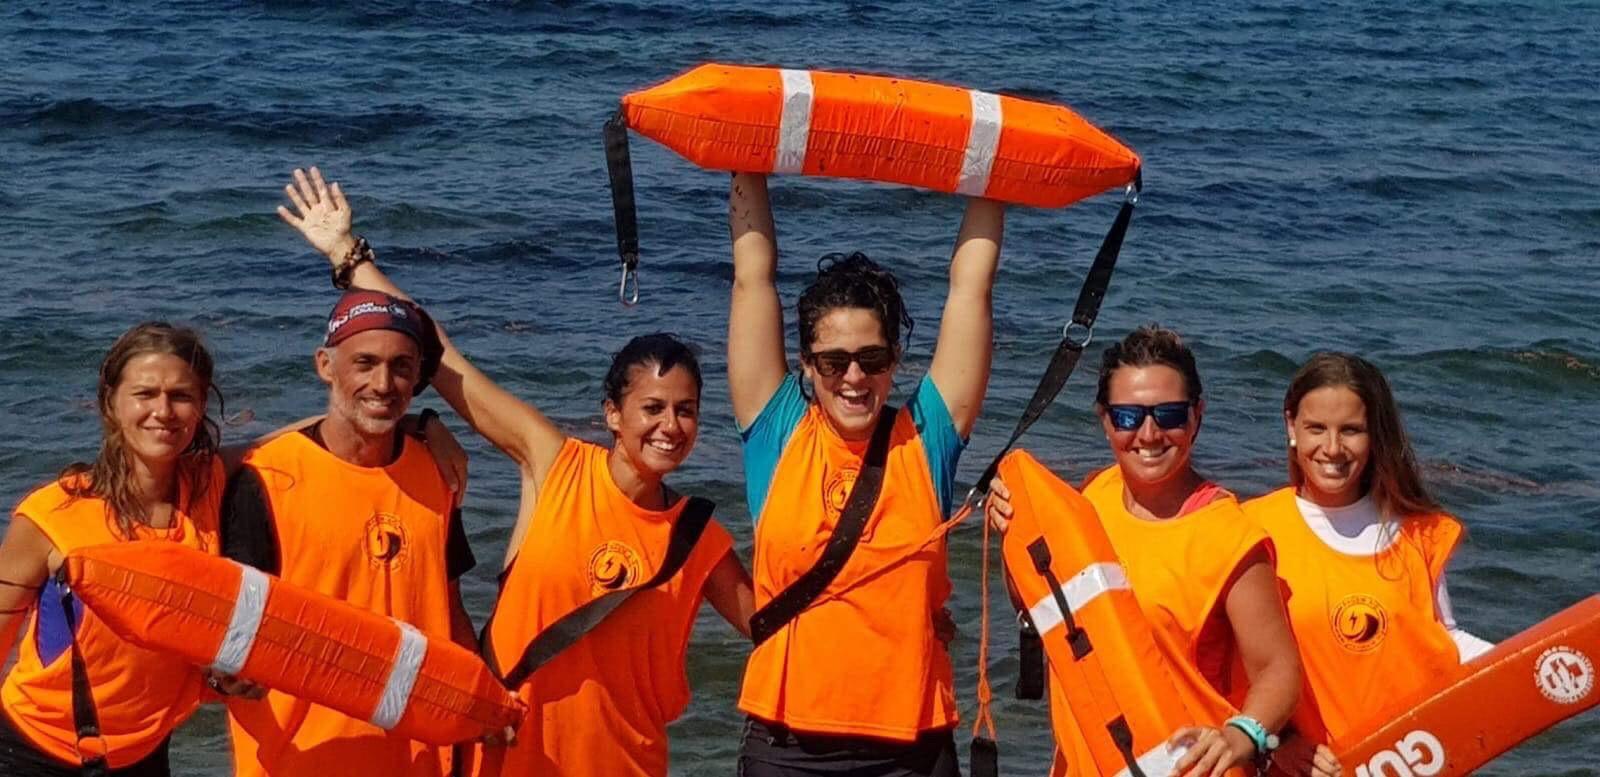 voluntarios y voluntarias proyecto agua proemaid